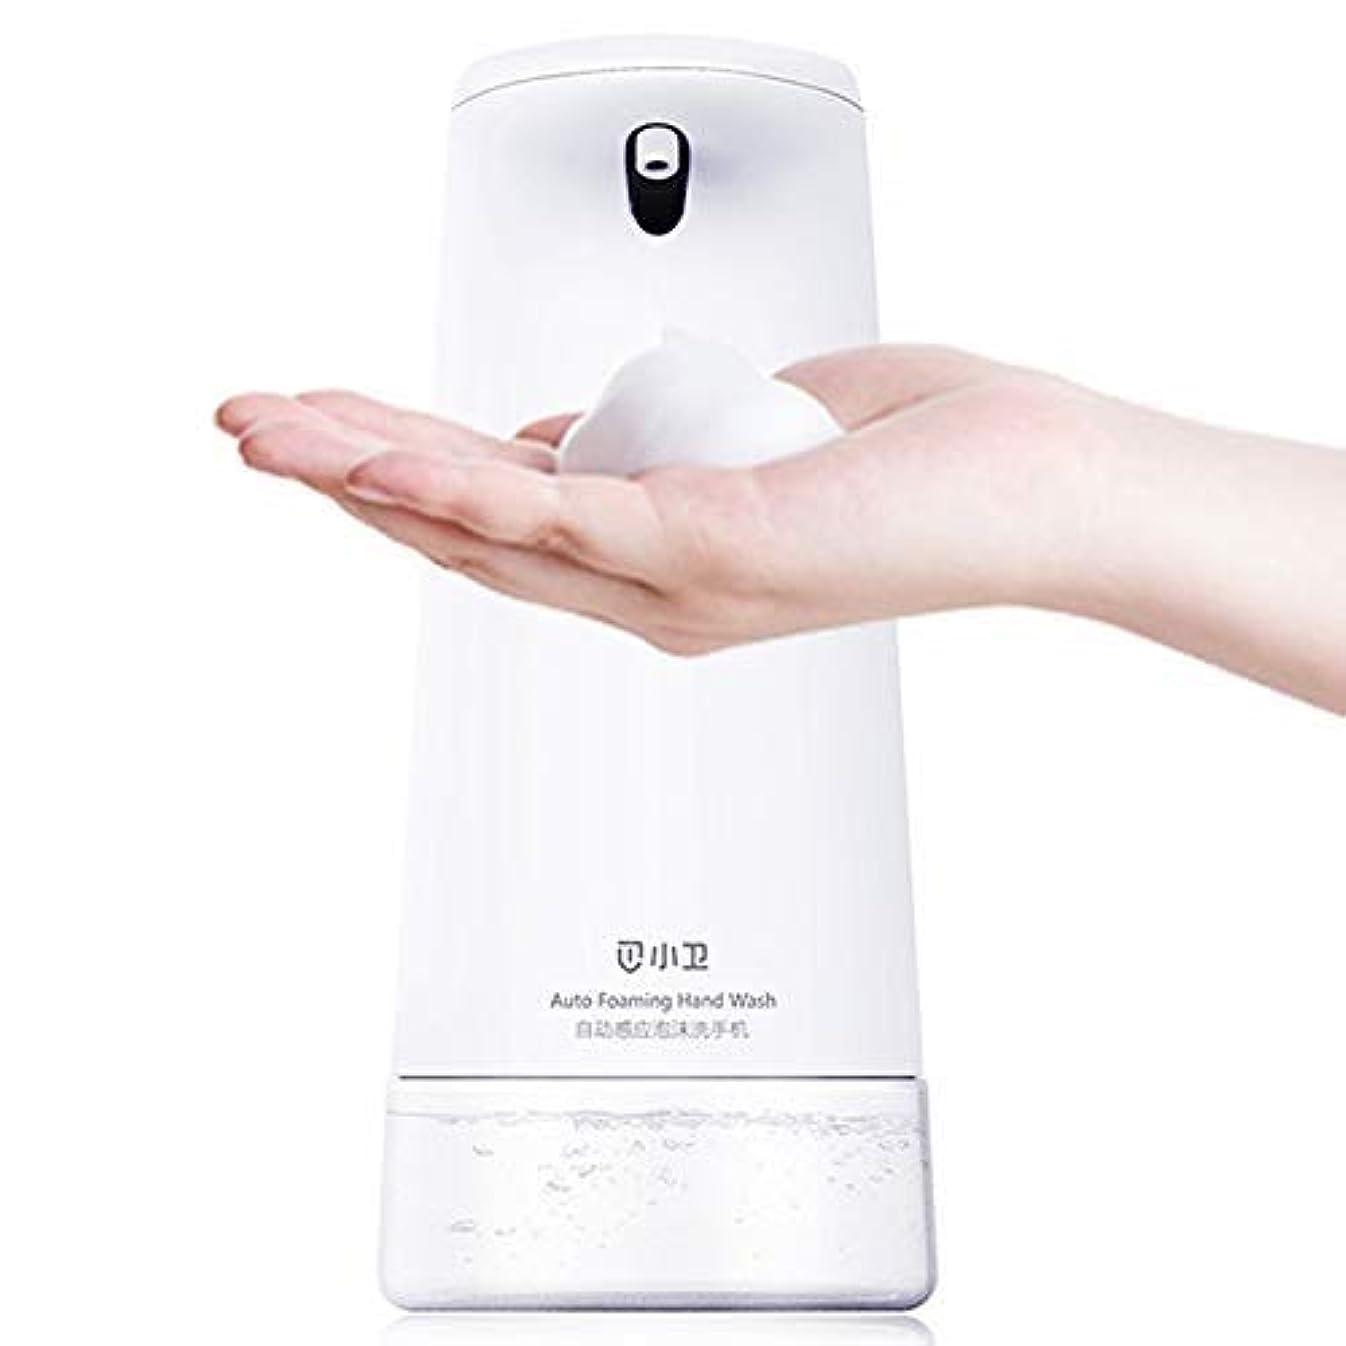 首請求書押し下げる250ミリリットルインテリジェント自動泡石鹸ディスペンサー誘導発泡手洗い機ポータブル液体石鹸ディスペンサー浴室ツール